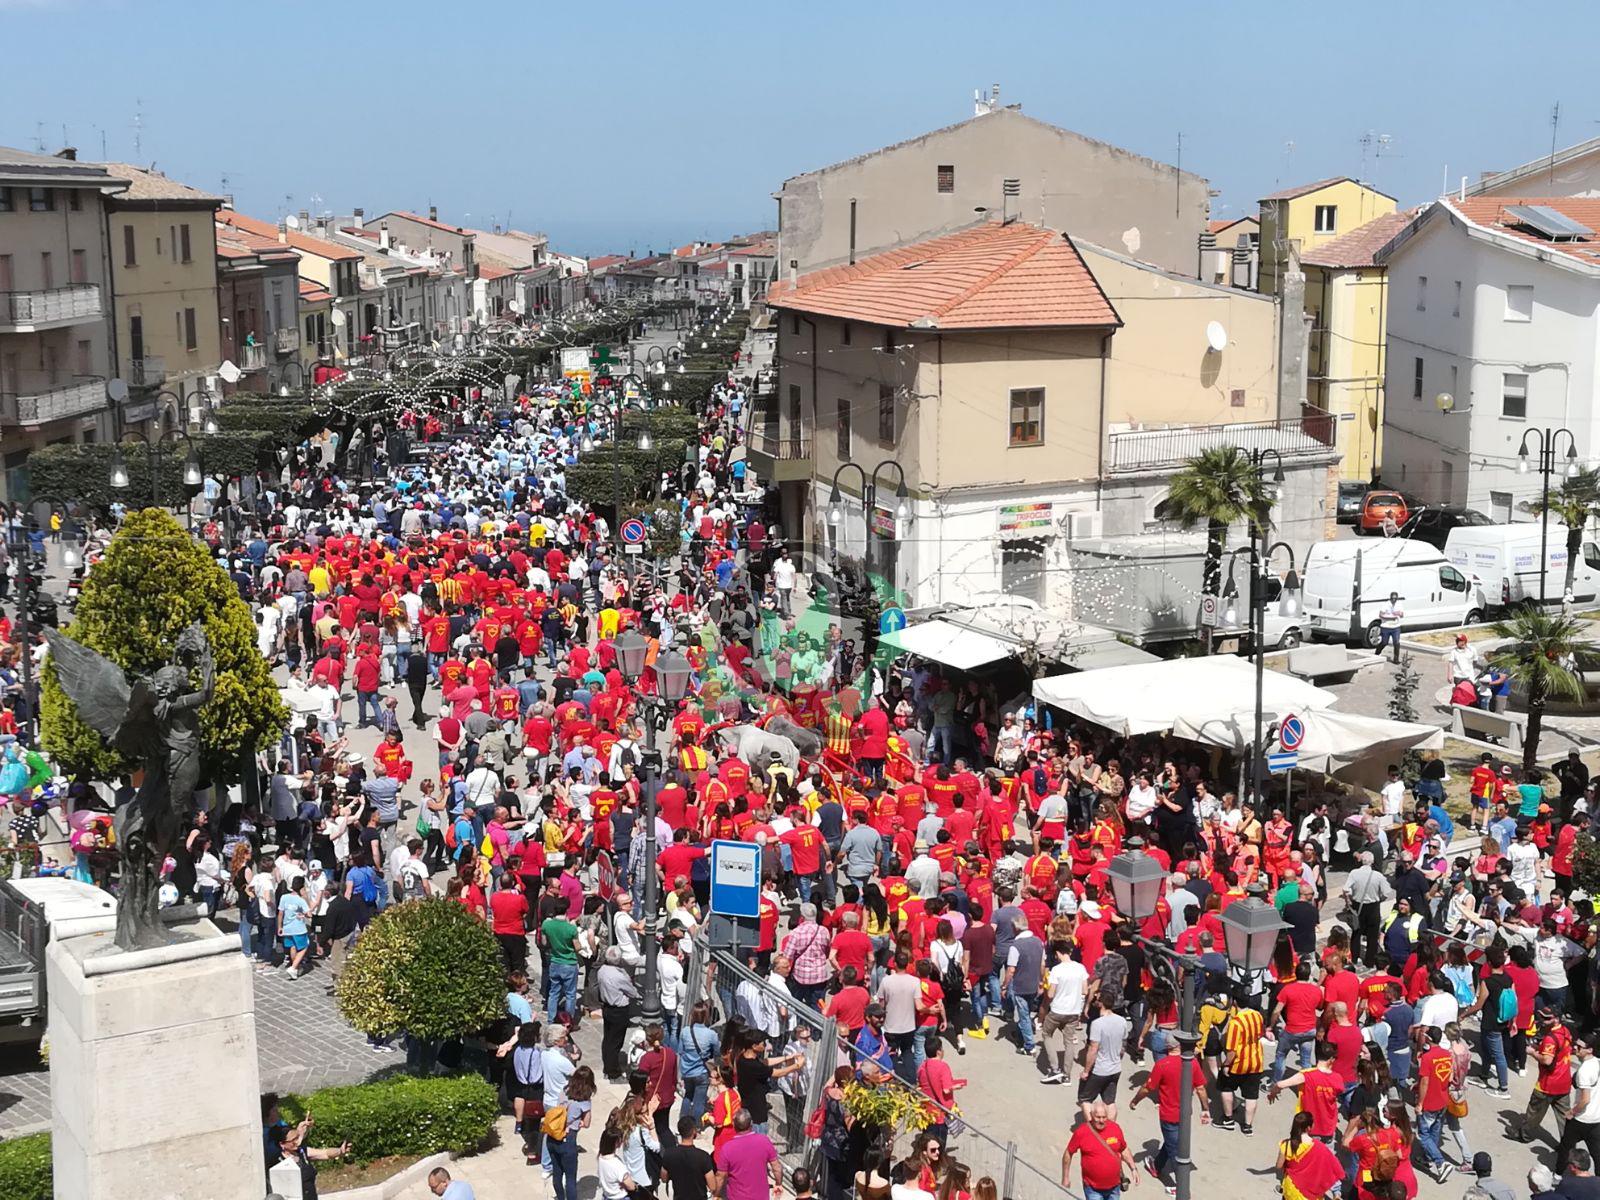 San Martino, ok alla Carrese dalla Commissione: a breve lo start (VIDEO e FOTO)